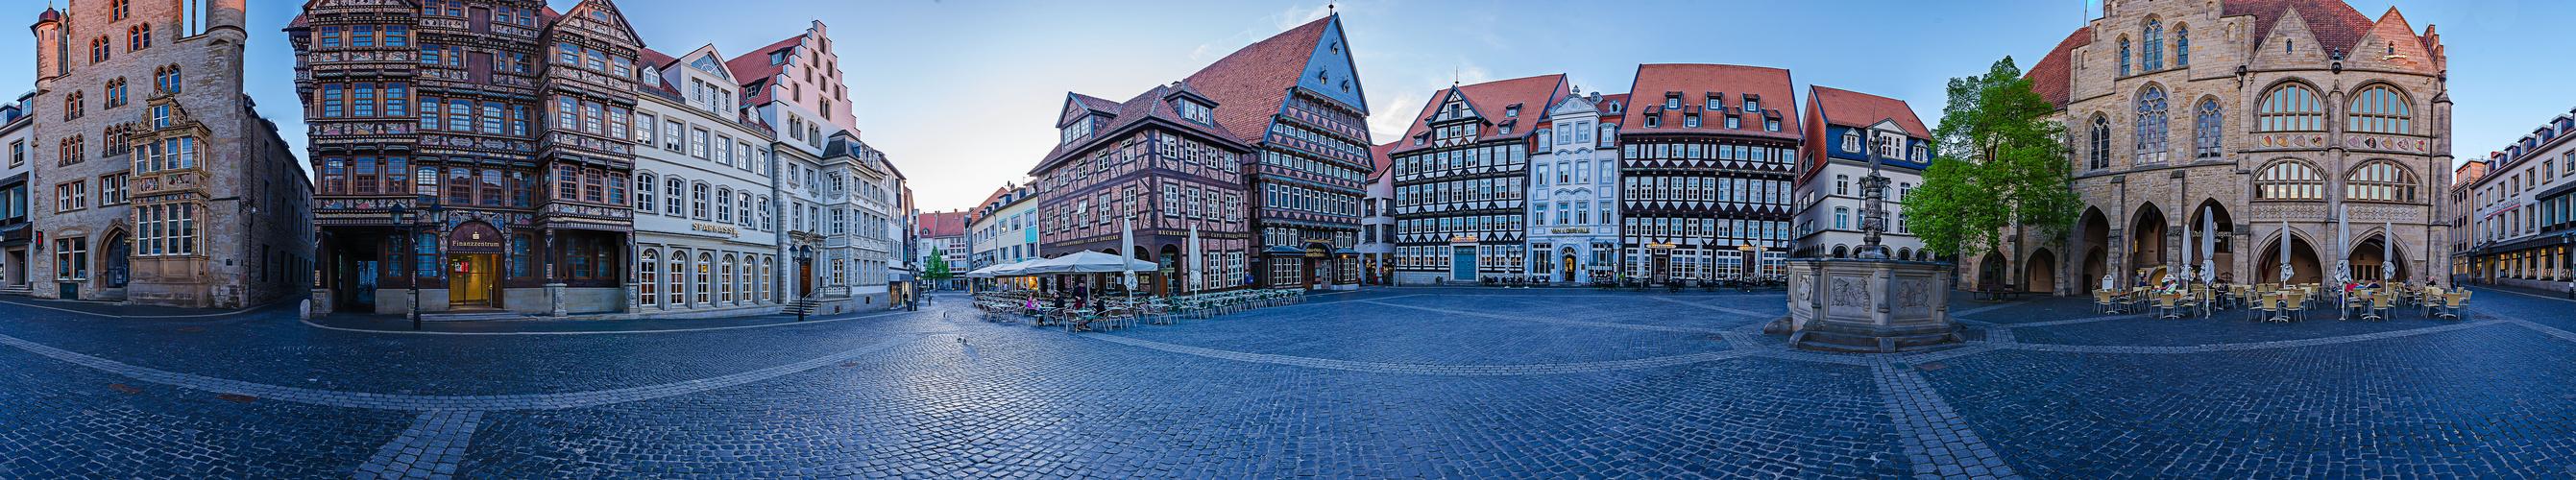 Marktplatz Hildesheim 360°